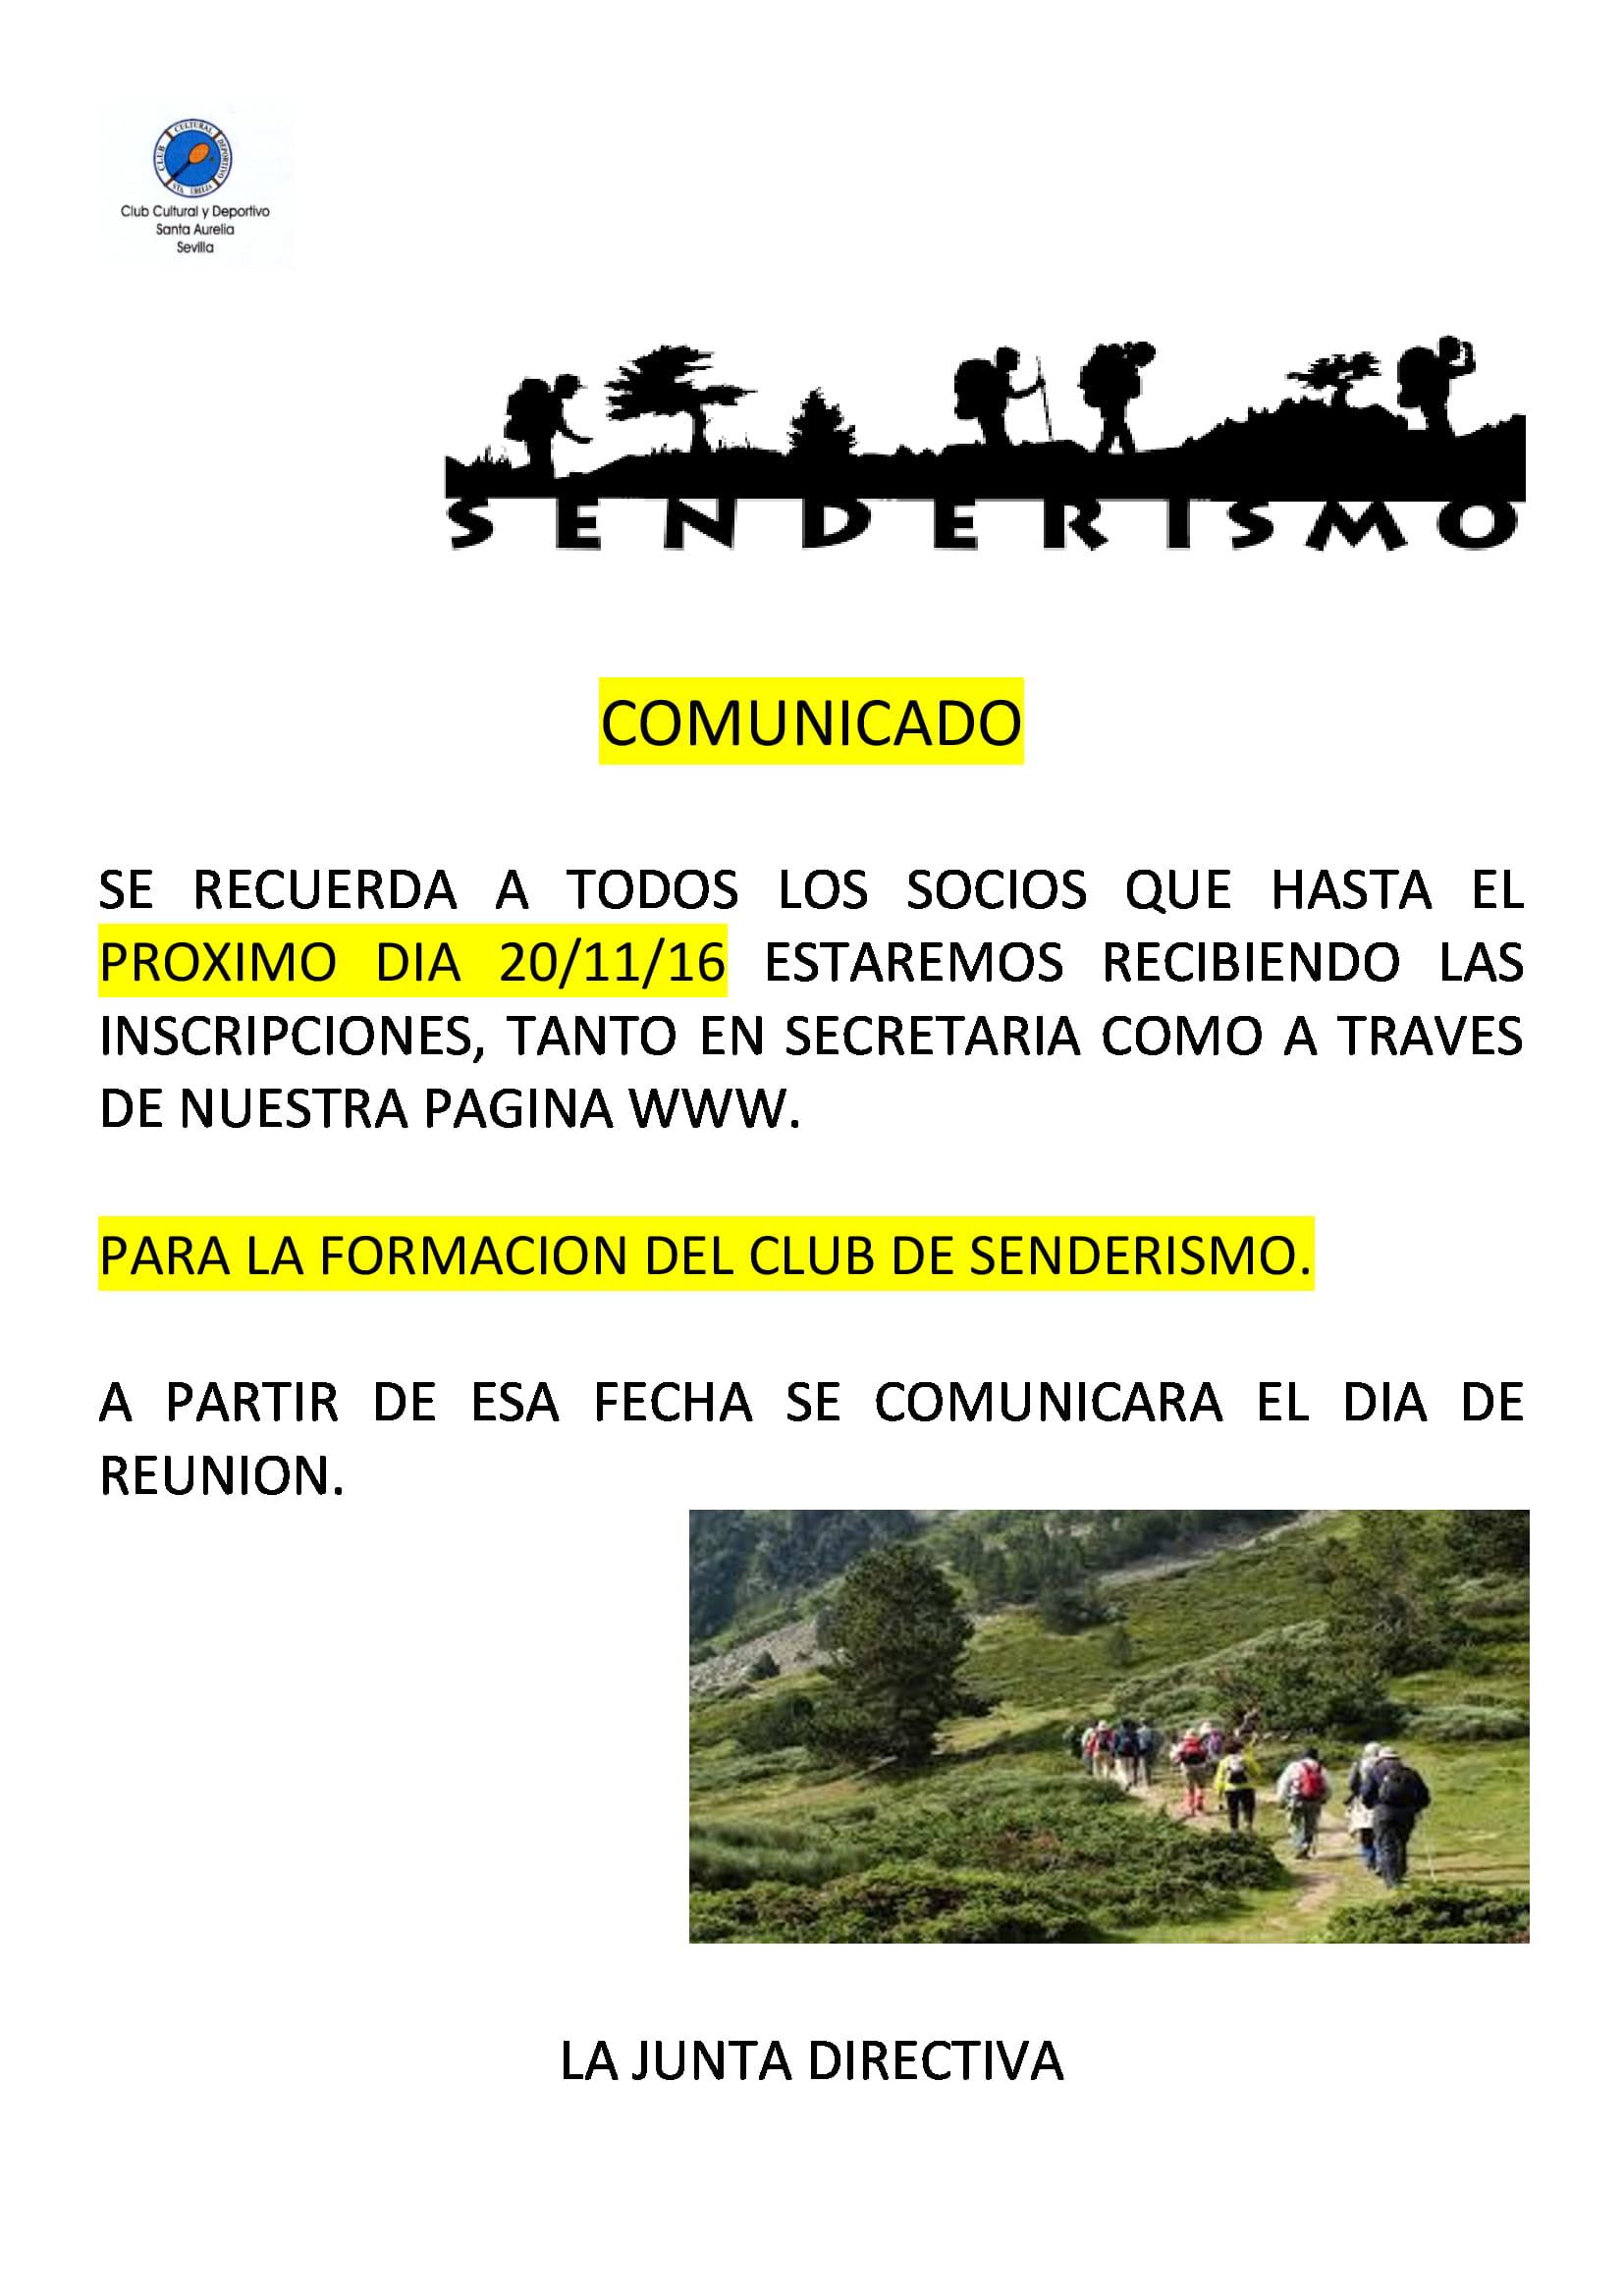 COMUNICADO ULTIMOS DIAS INSCRIPCION A SENDERISMO